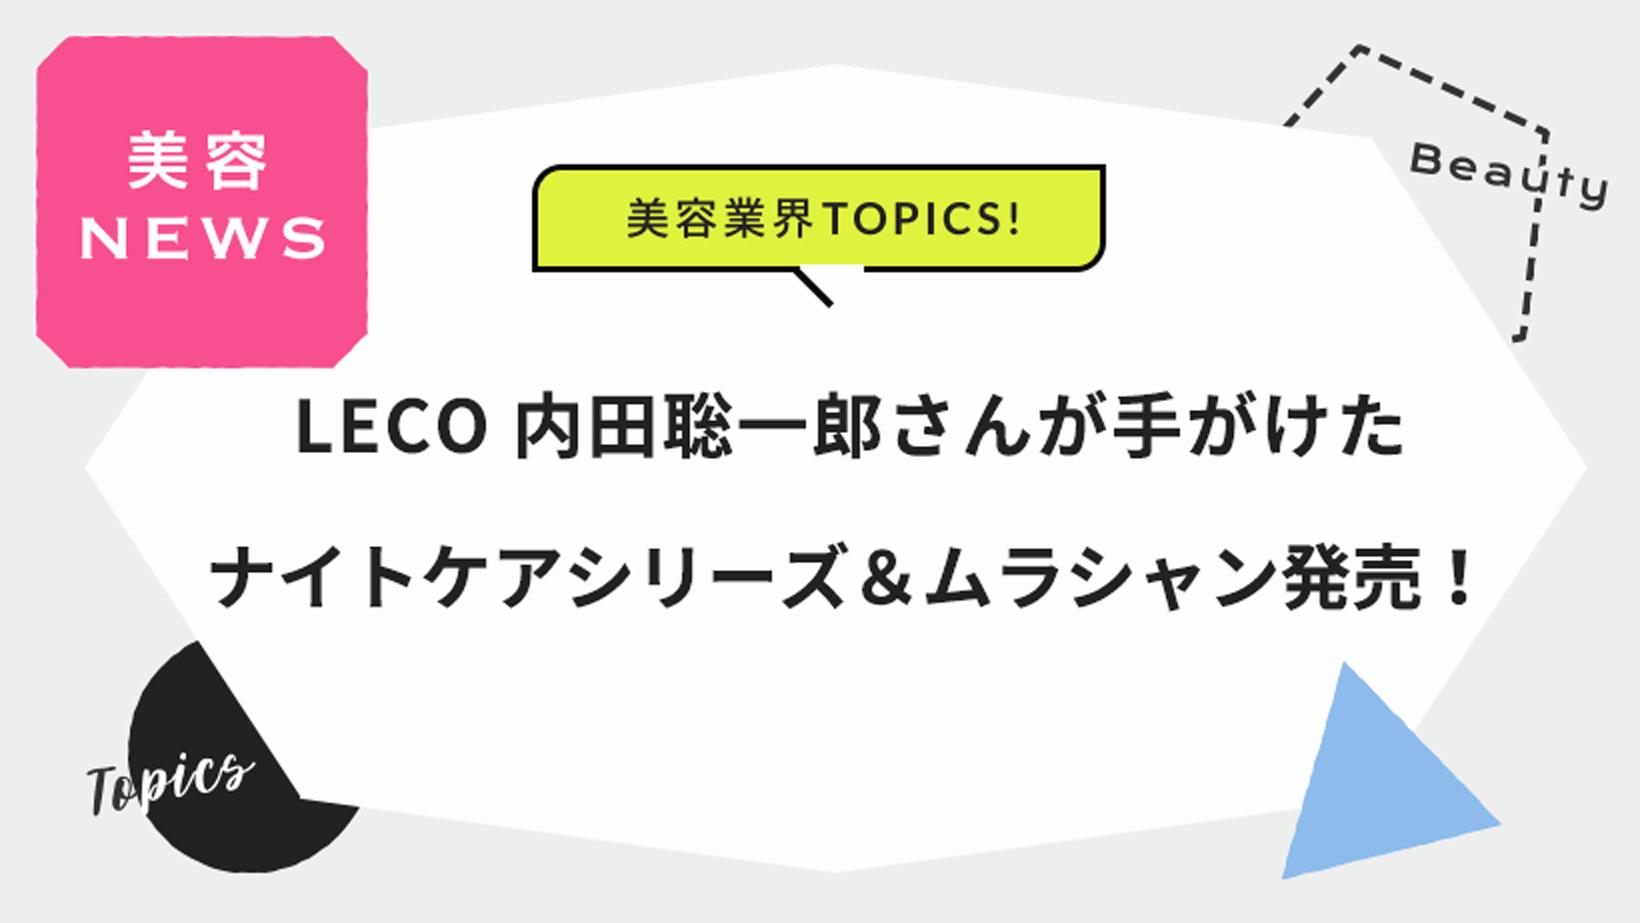 LECO 内田 聡一郎さんが手がけたナイトケアシリーズ&ムラシャン発売!